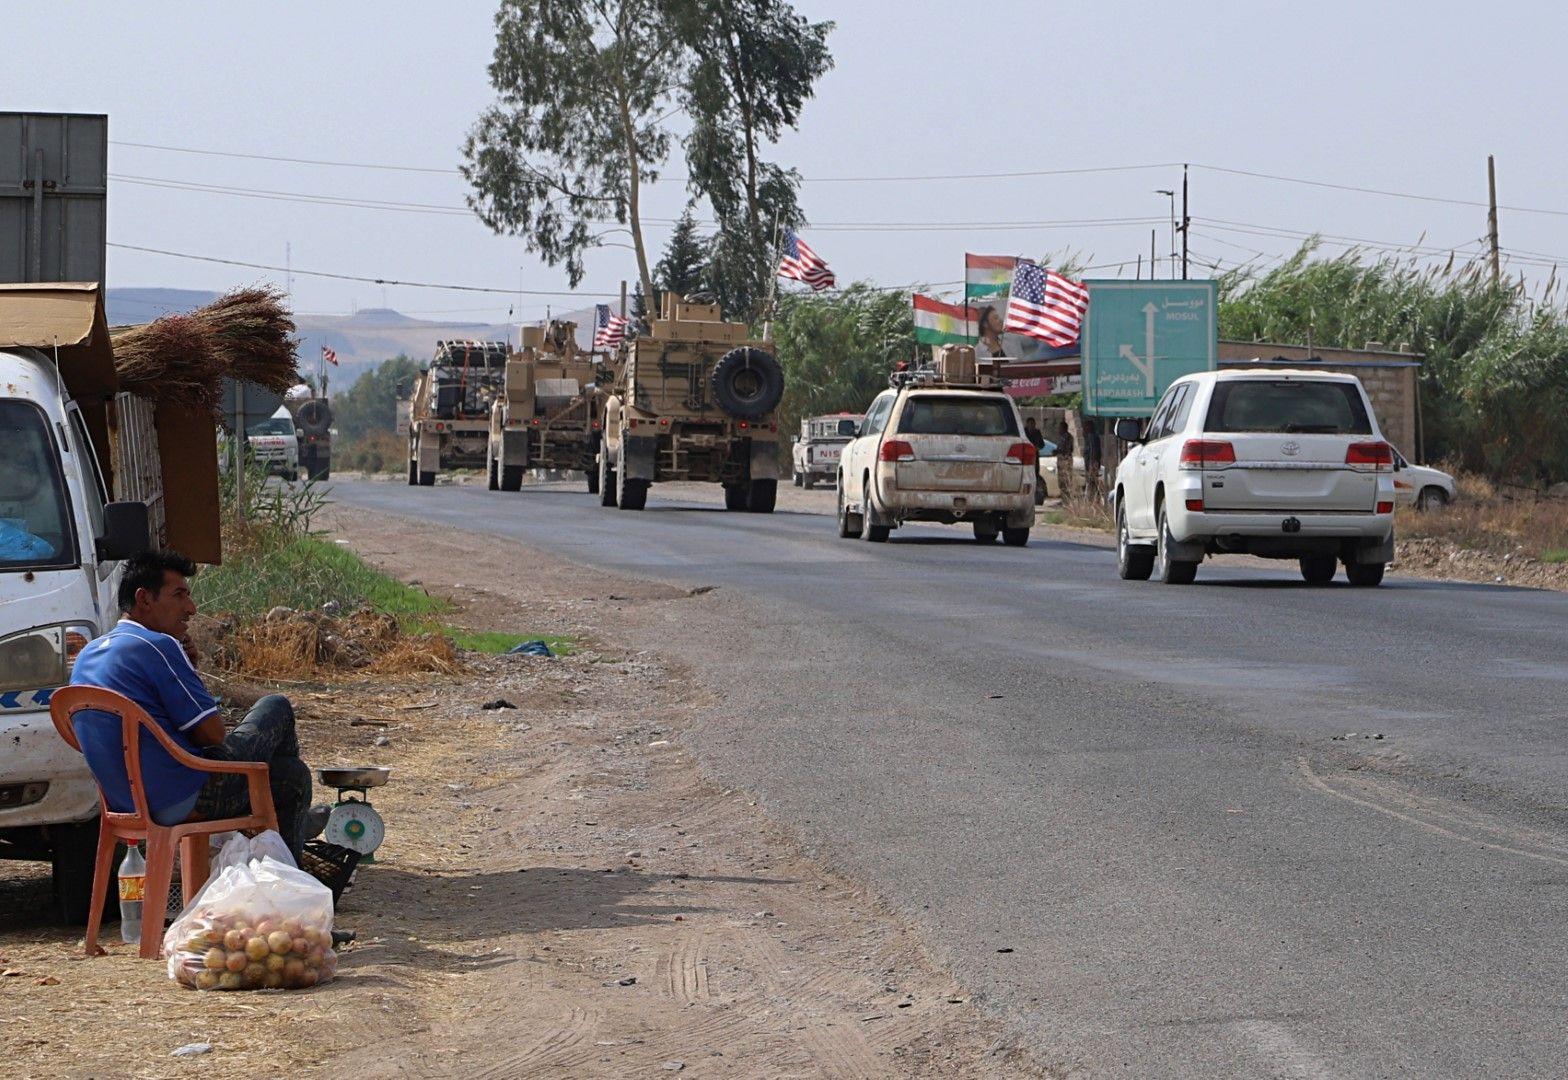 Американски военен конвой преминава край град Дахук в Ирак, след като е напуснал Сирия, 21 октомври 2019 г.